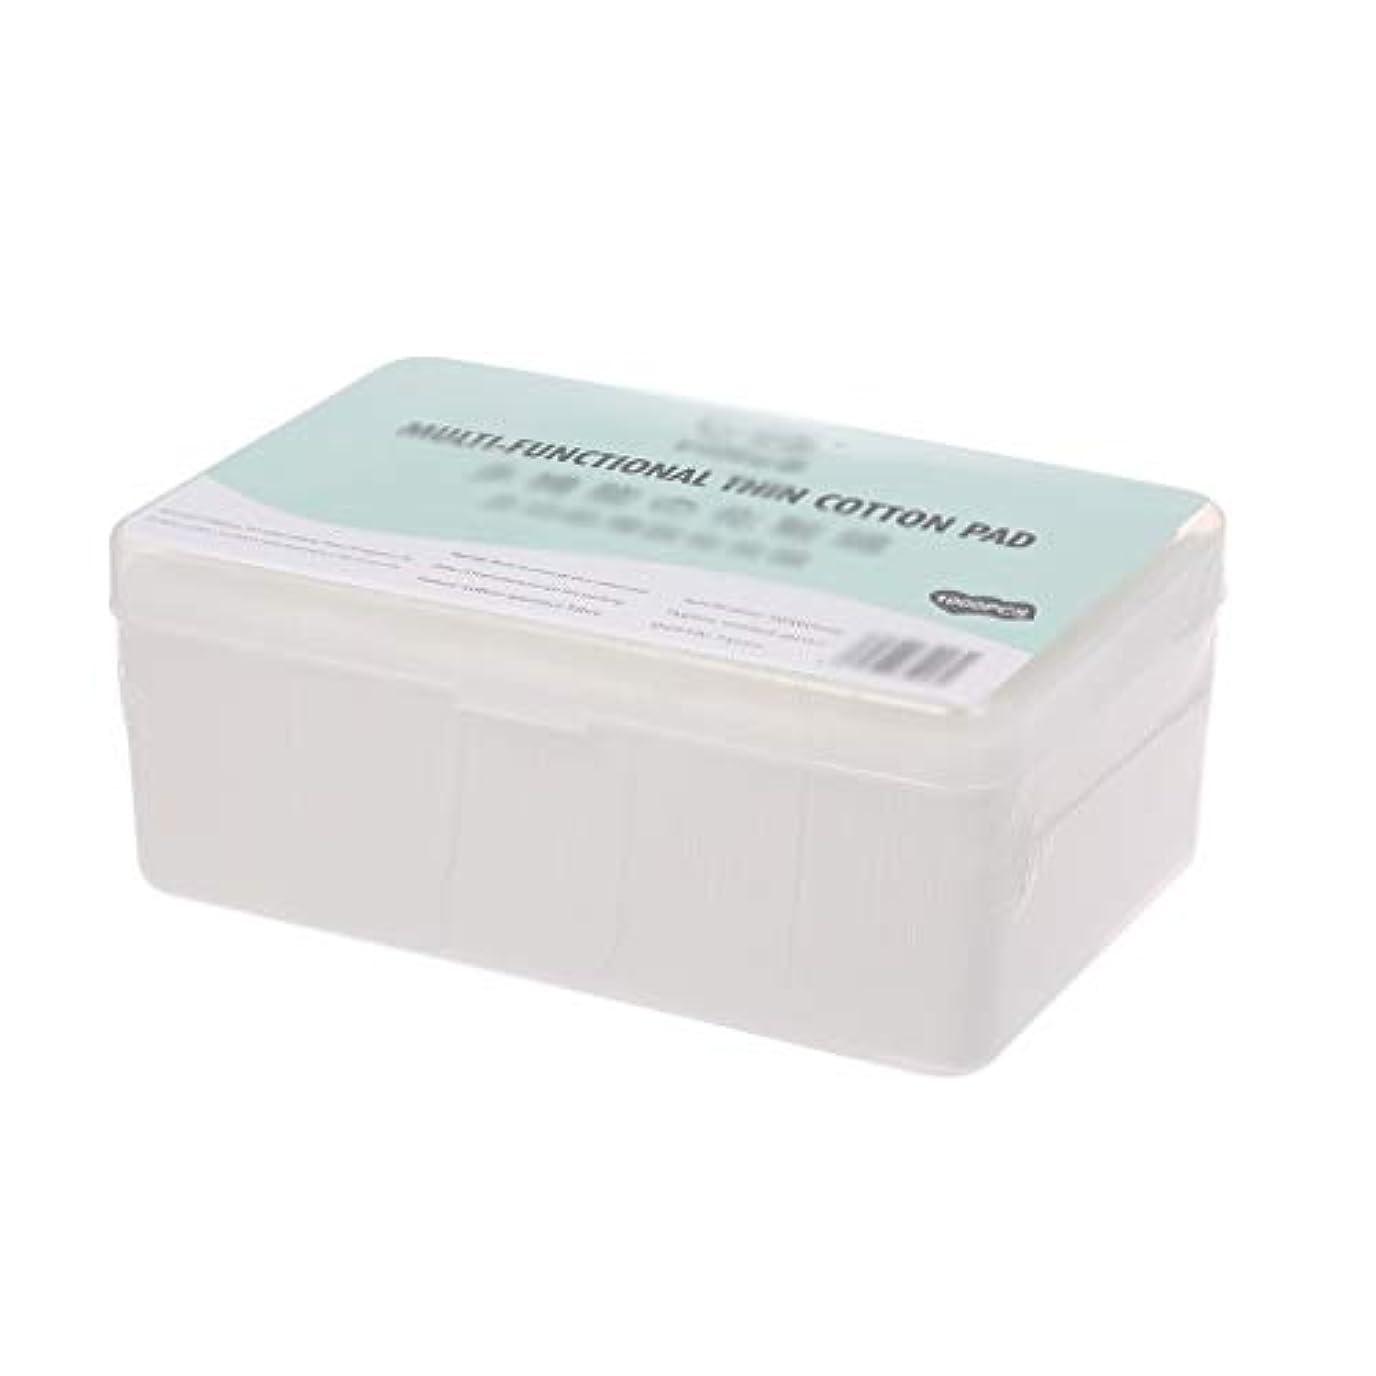 トランザクション収束逃げるクレンジングシート 1000ピース箱入り使い捨て超薄型コットンメイク落としネイルポリッシュリムーバークレンジングティッシュペーパーペーパー (Color : White, サイズ : 5*6cm)